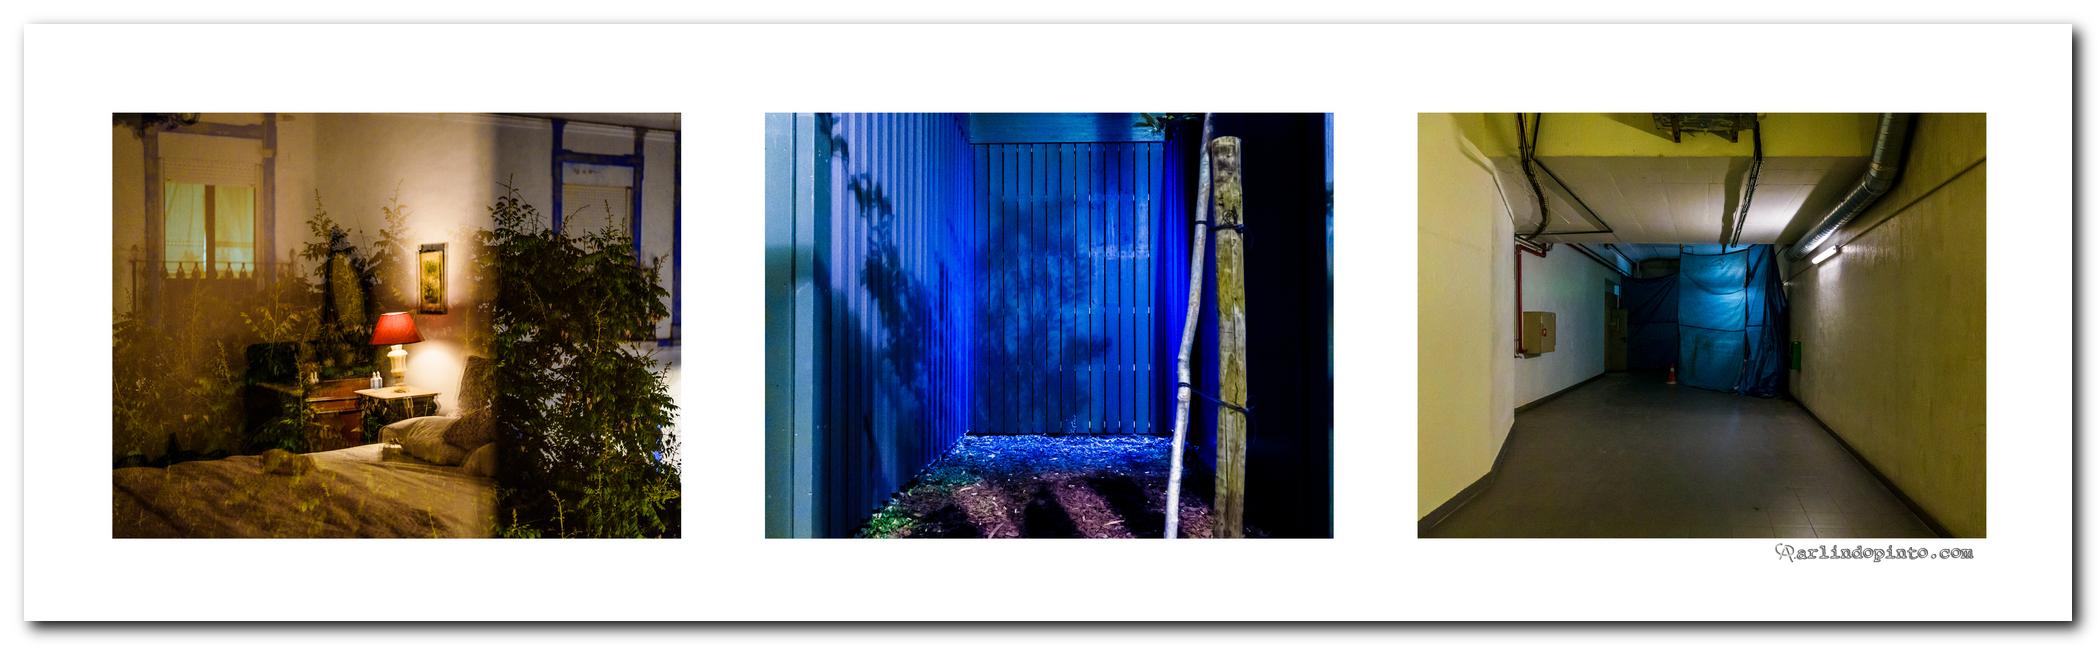 """Triptico a partir da obra de Ricardo Neves-Neves """"A Porta Fechou-se e a Casa era Pequena"""""""